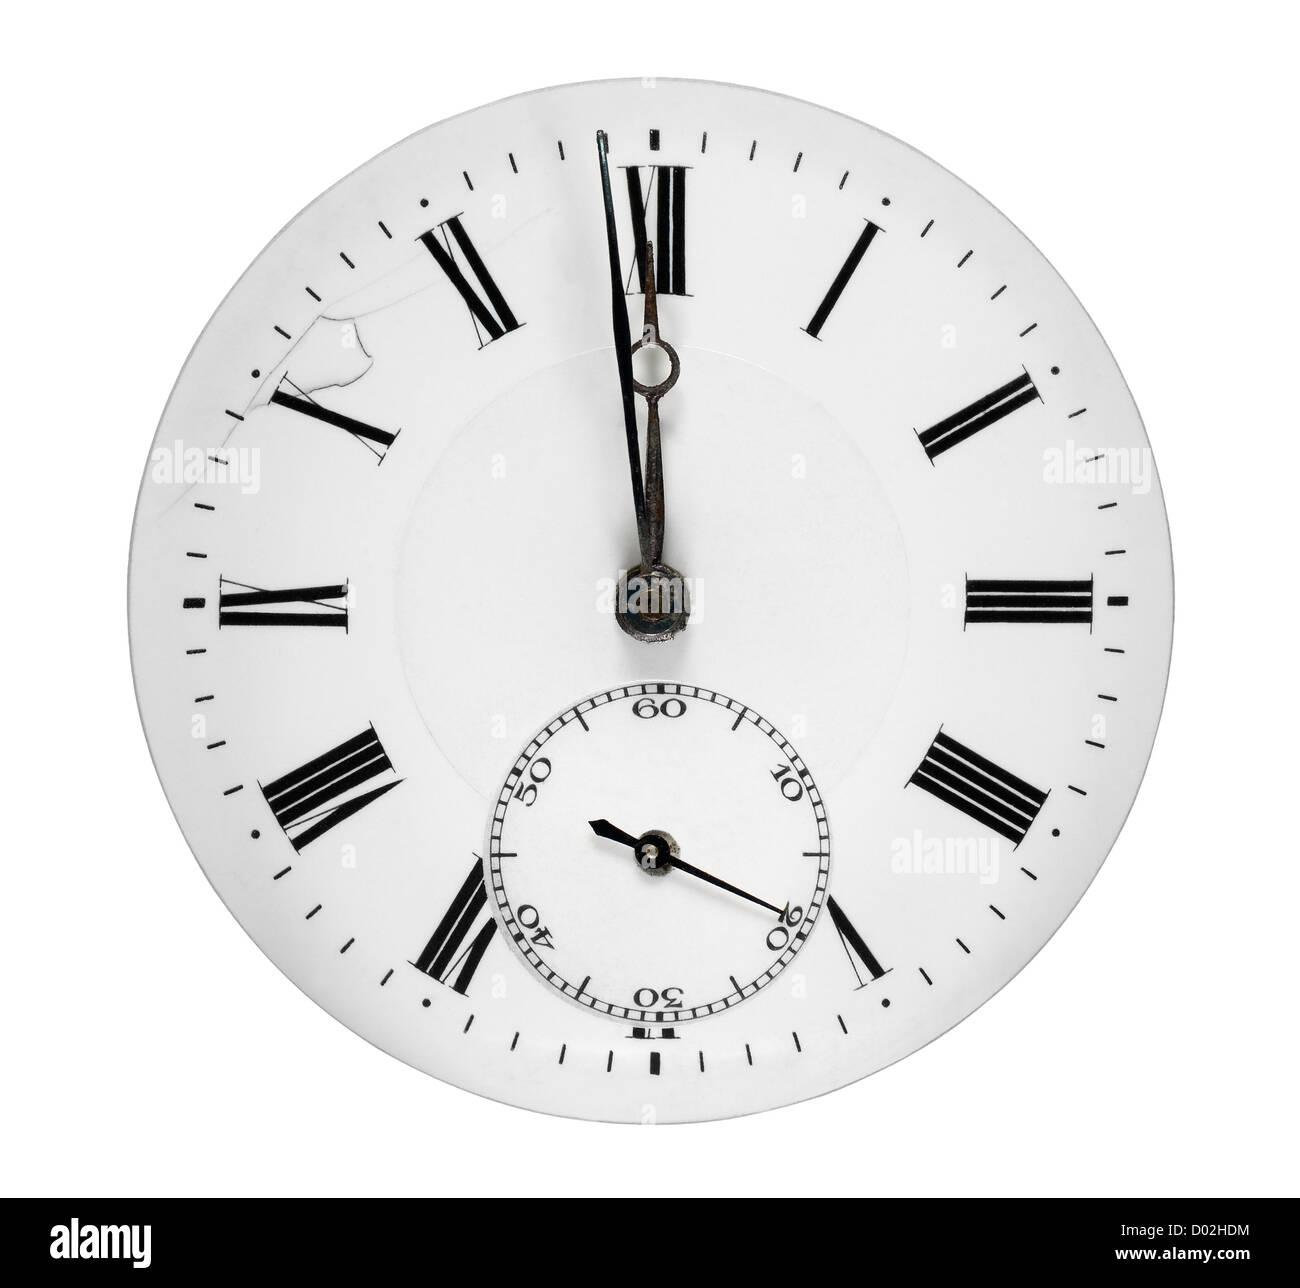 1 minute clock